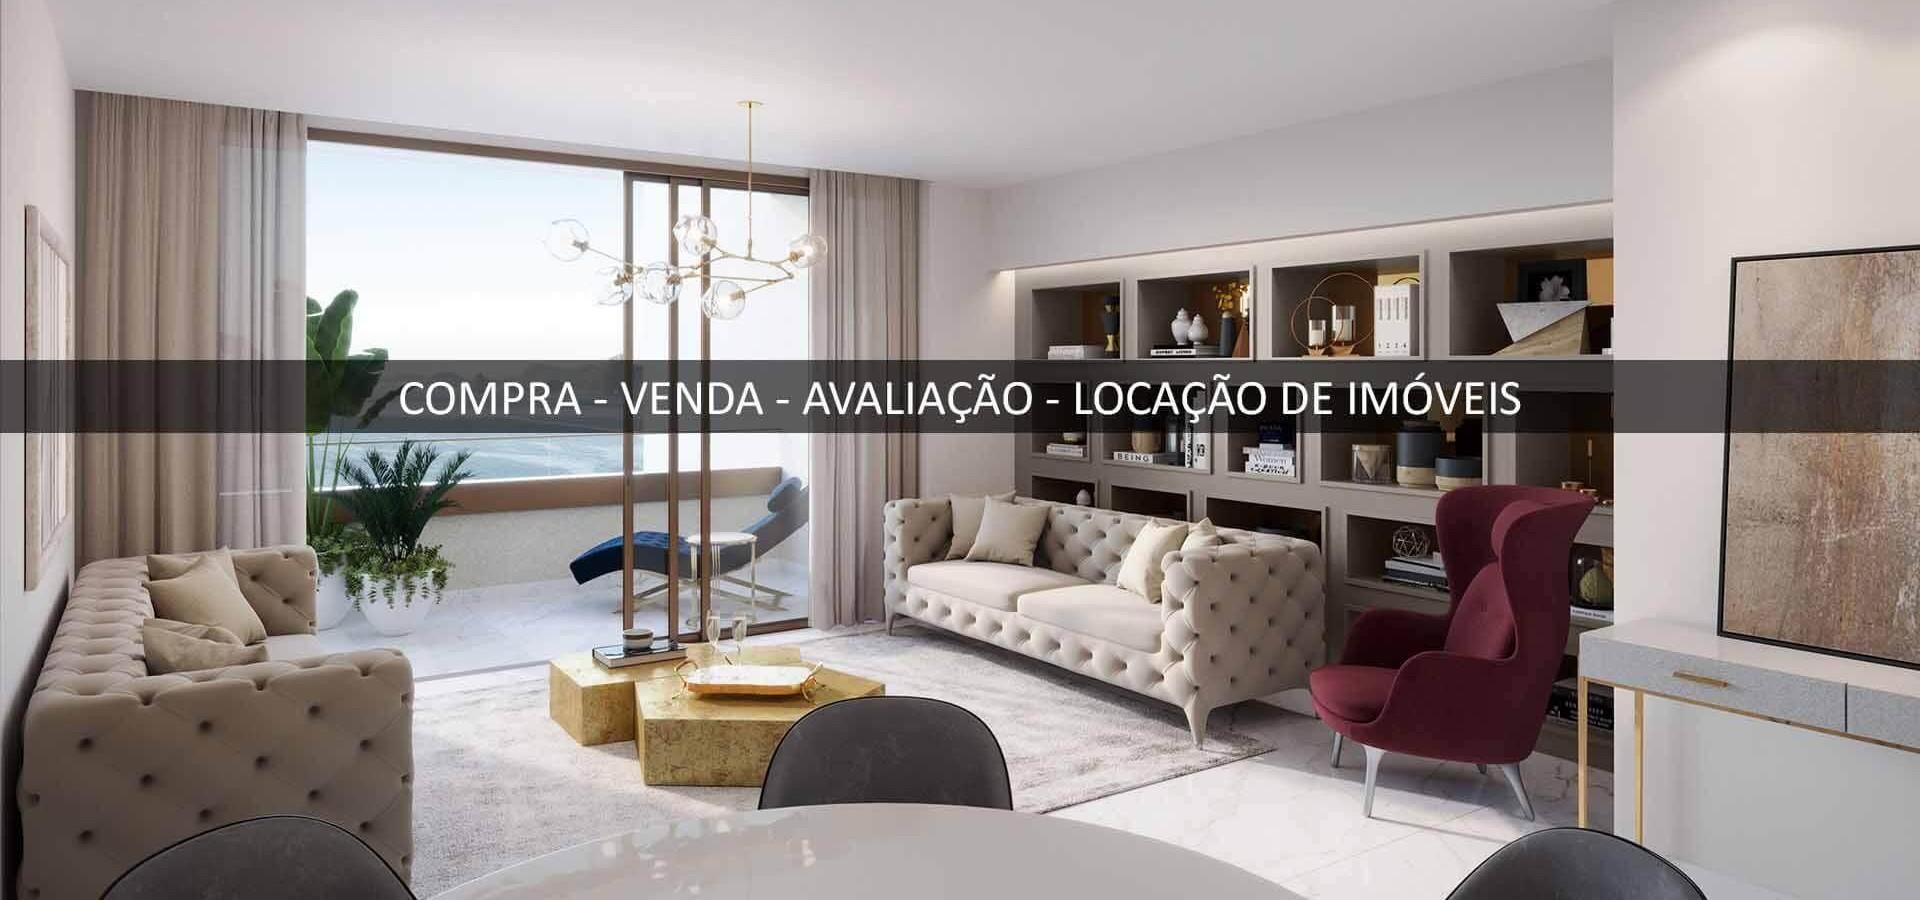 COMPRA - VENDA - AVALIAÇÃO - LOCAÇÃO DE IMÓVEIS_